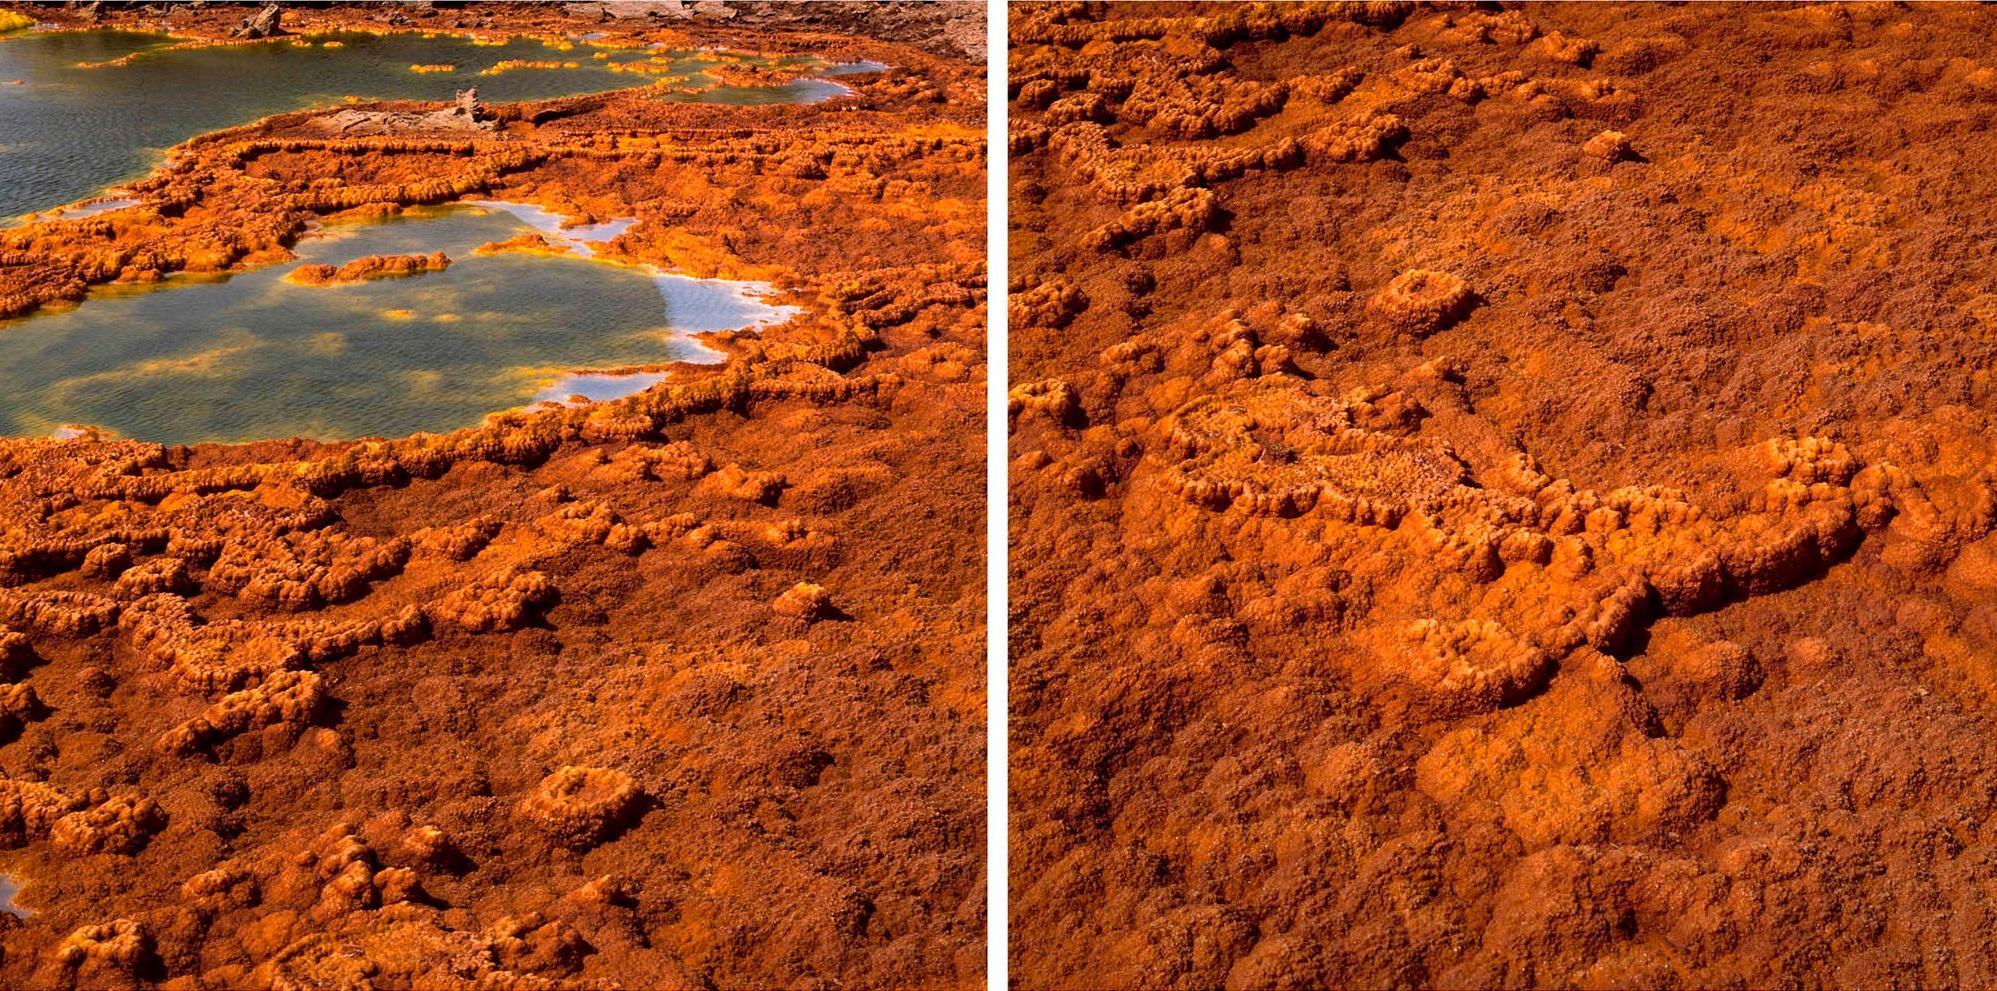 Afar XVII, Ethiopia - Landscape Photography